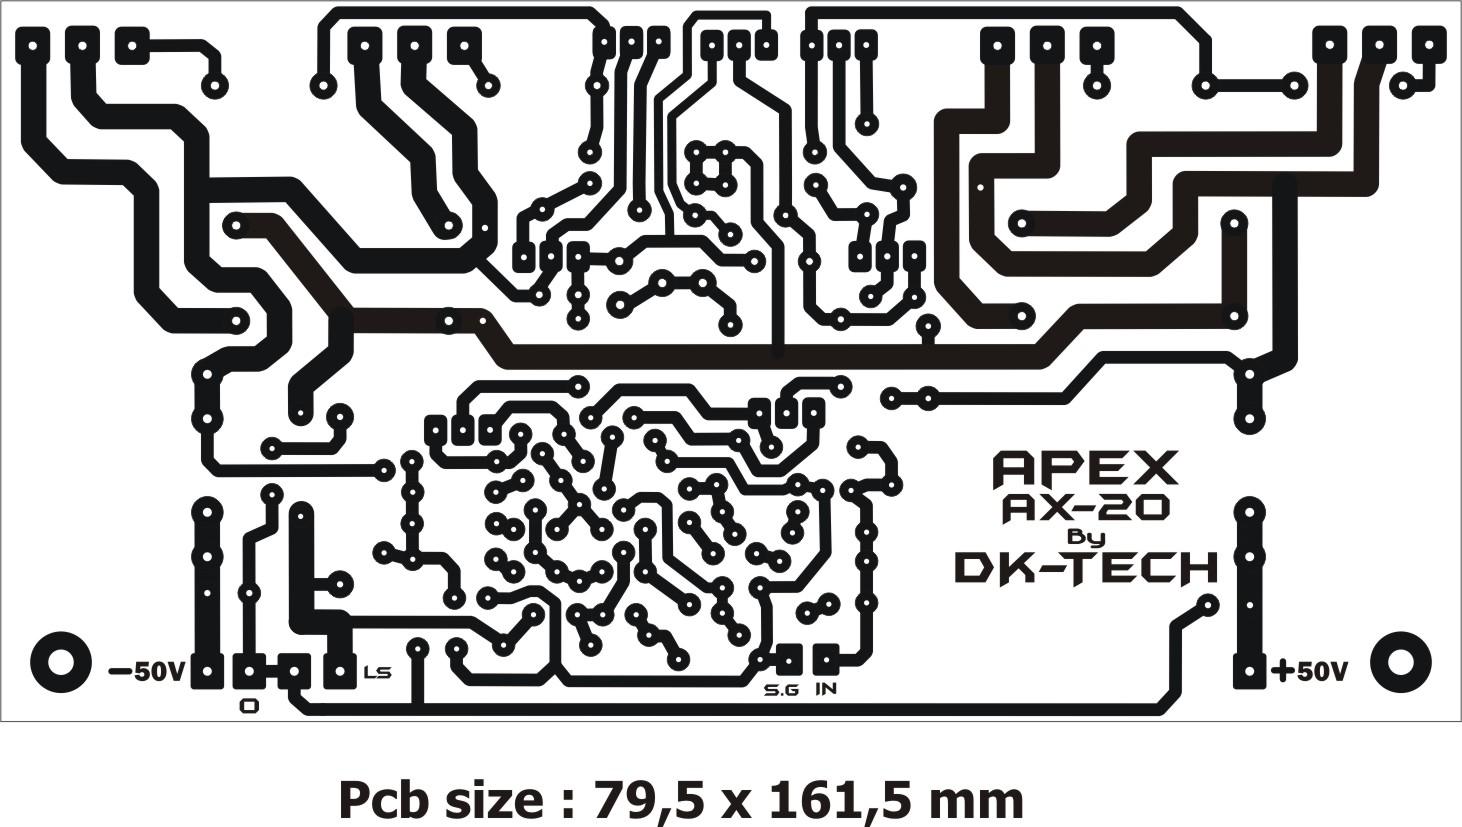 apex b500 lifier